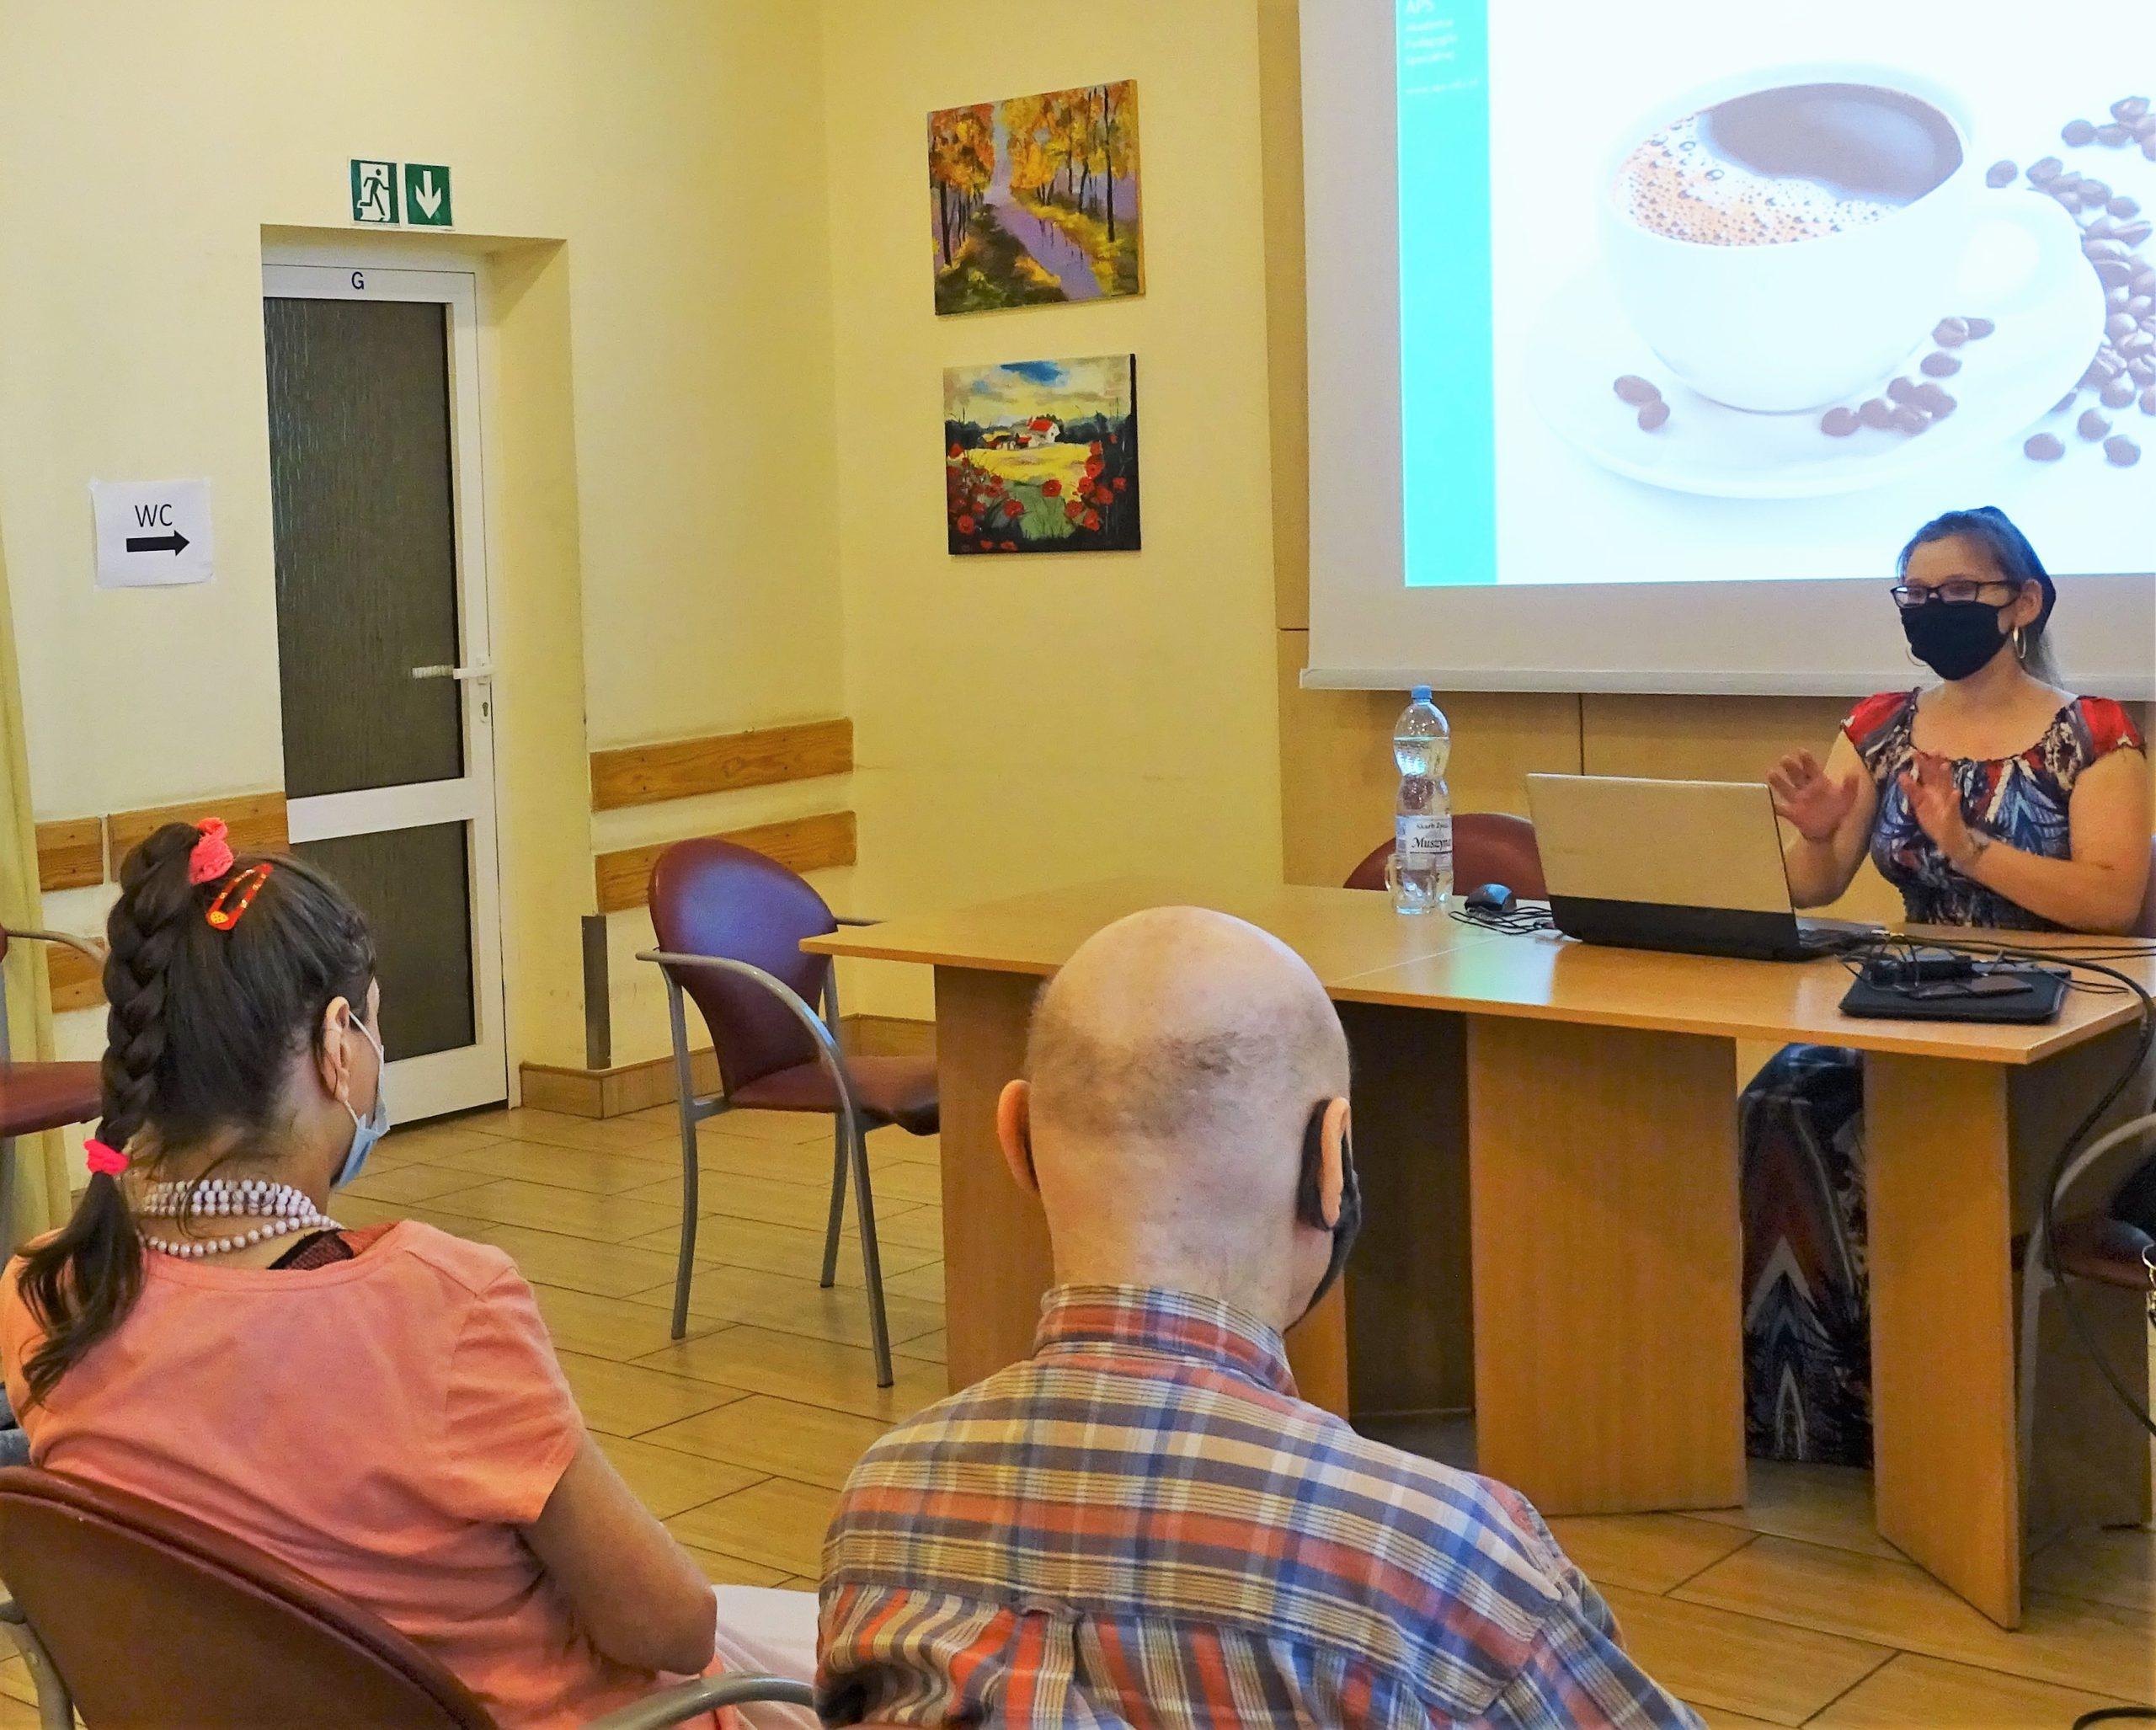 Kobieta prowadzi wykład w tle zdjęcie filiżanki z kawą